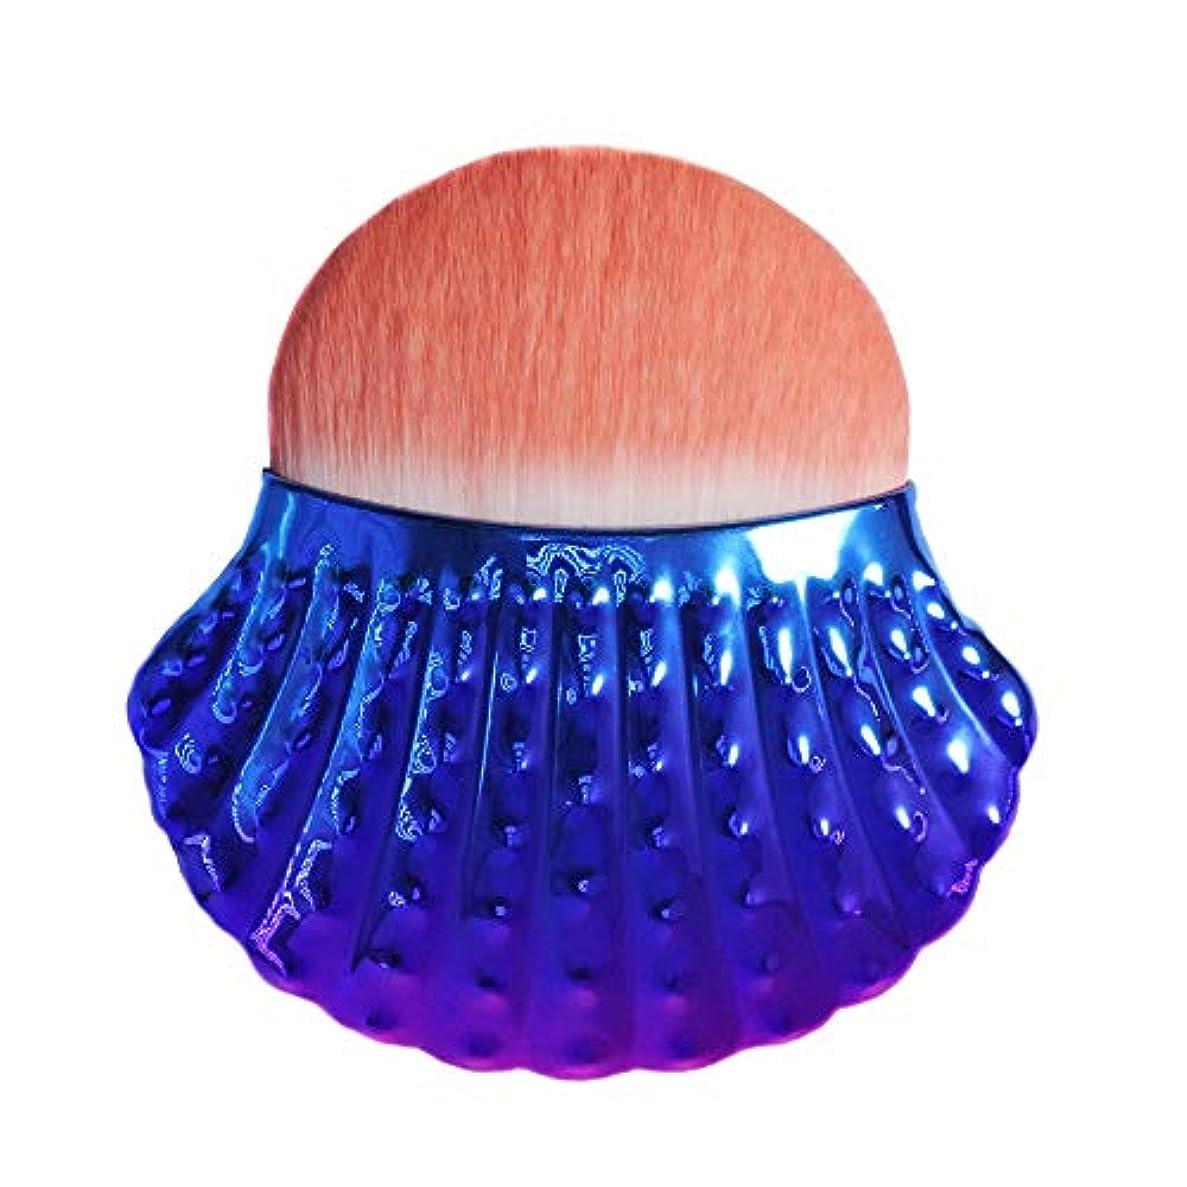 おそらく所有権そうMakeup brushes 青、独占シェルタイプブラッシュブラシ美容メイクブラシツールポータブル多機能メイクブラシ suits (Color : Blue)